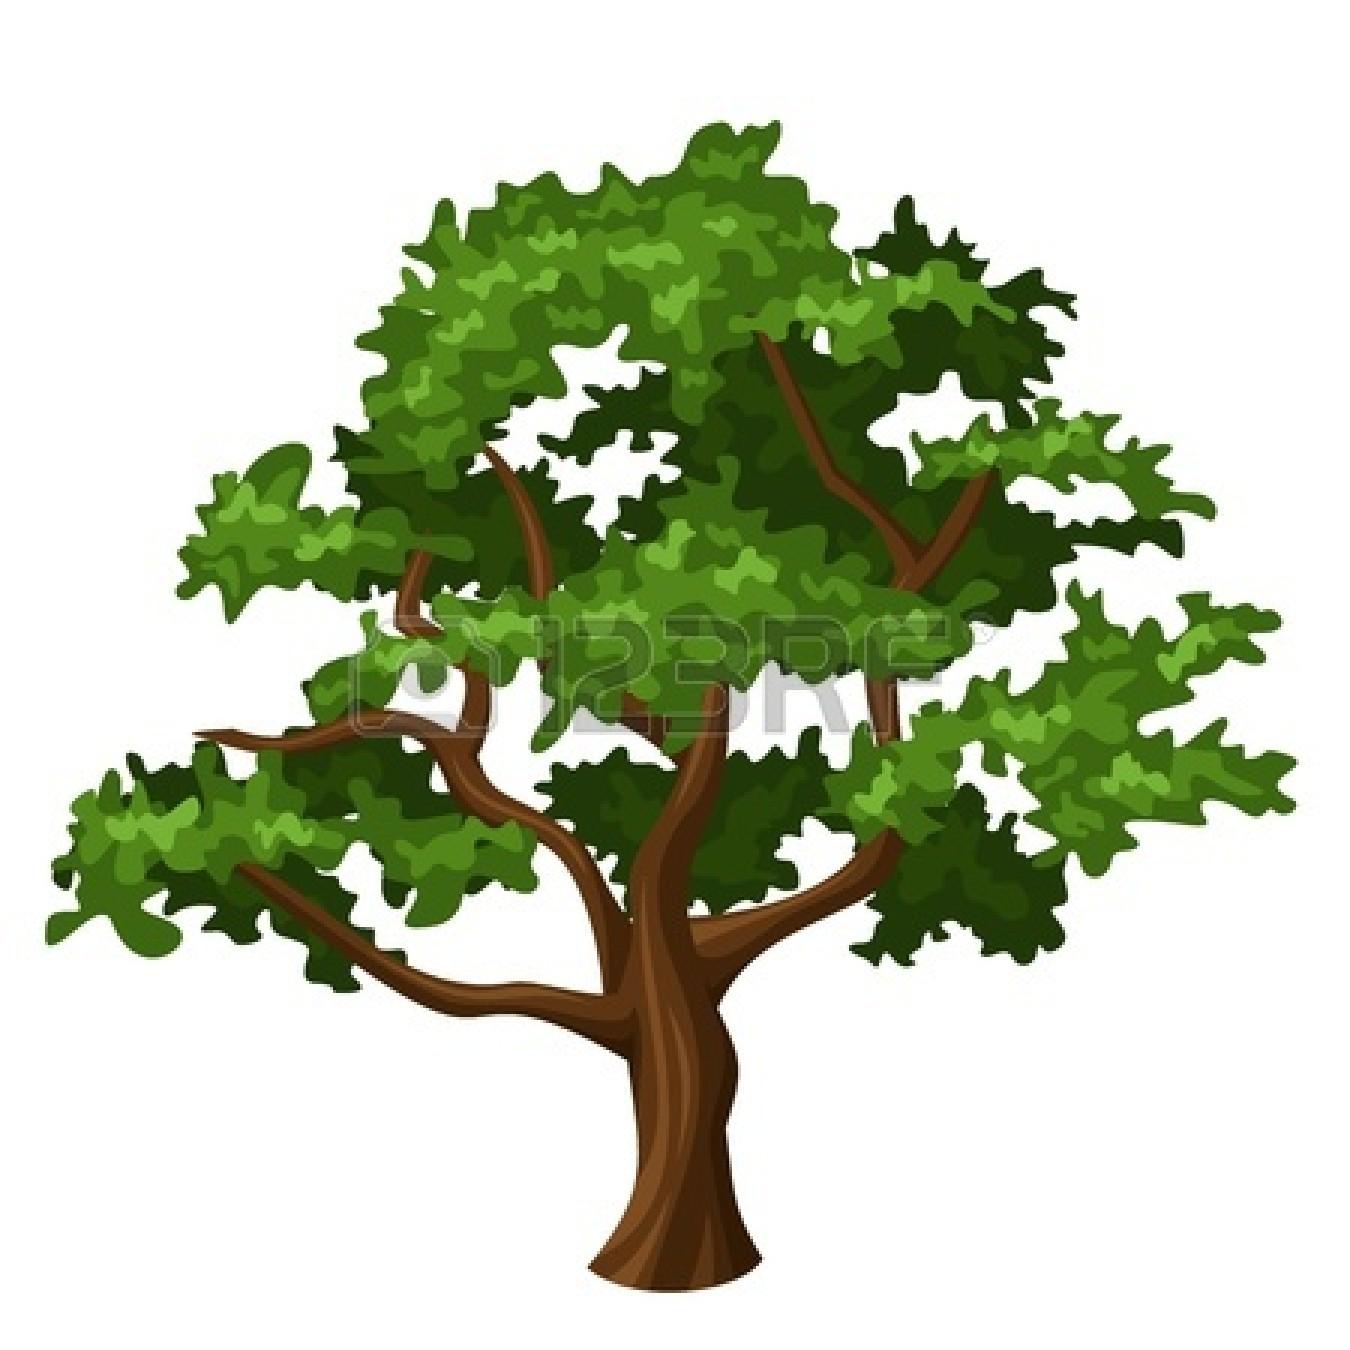 Oak Tree Clipart Images.